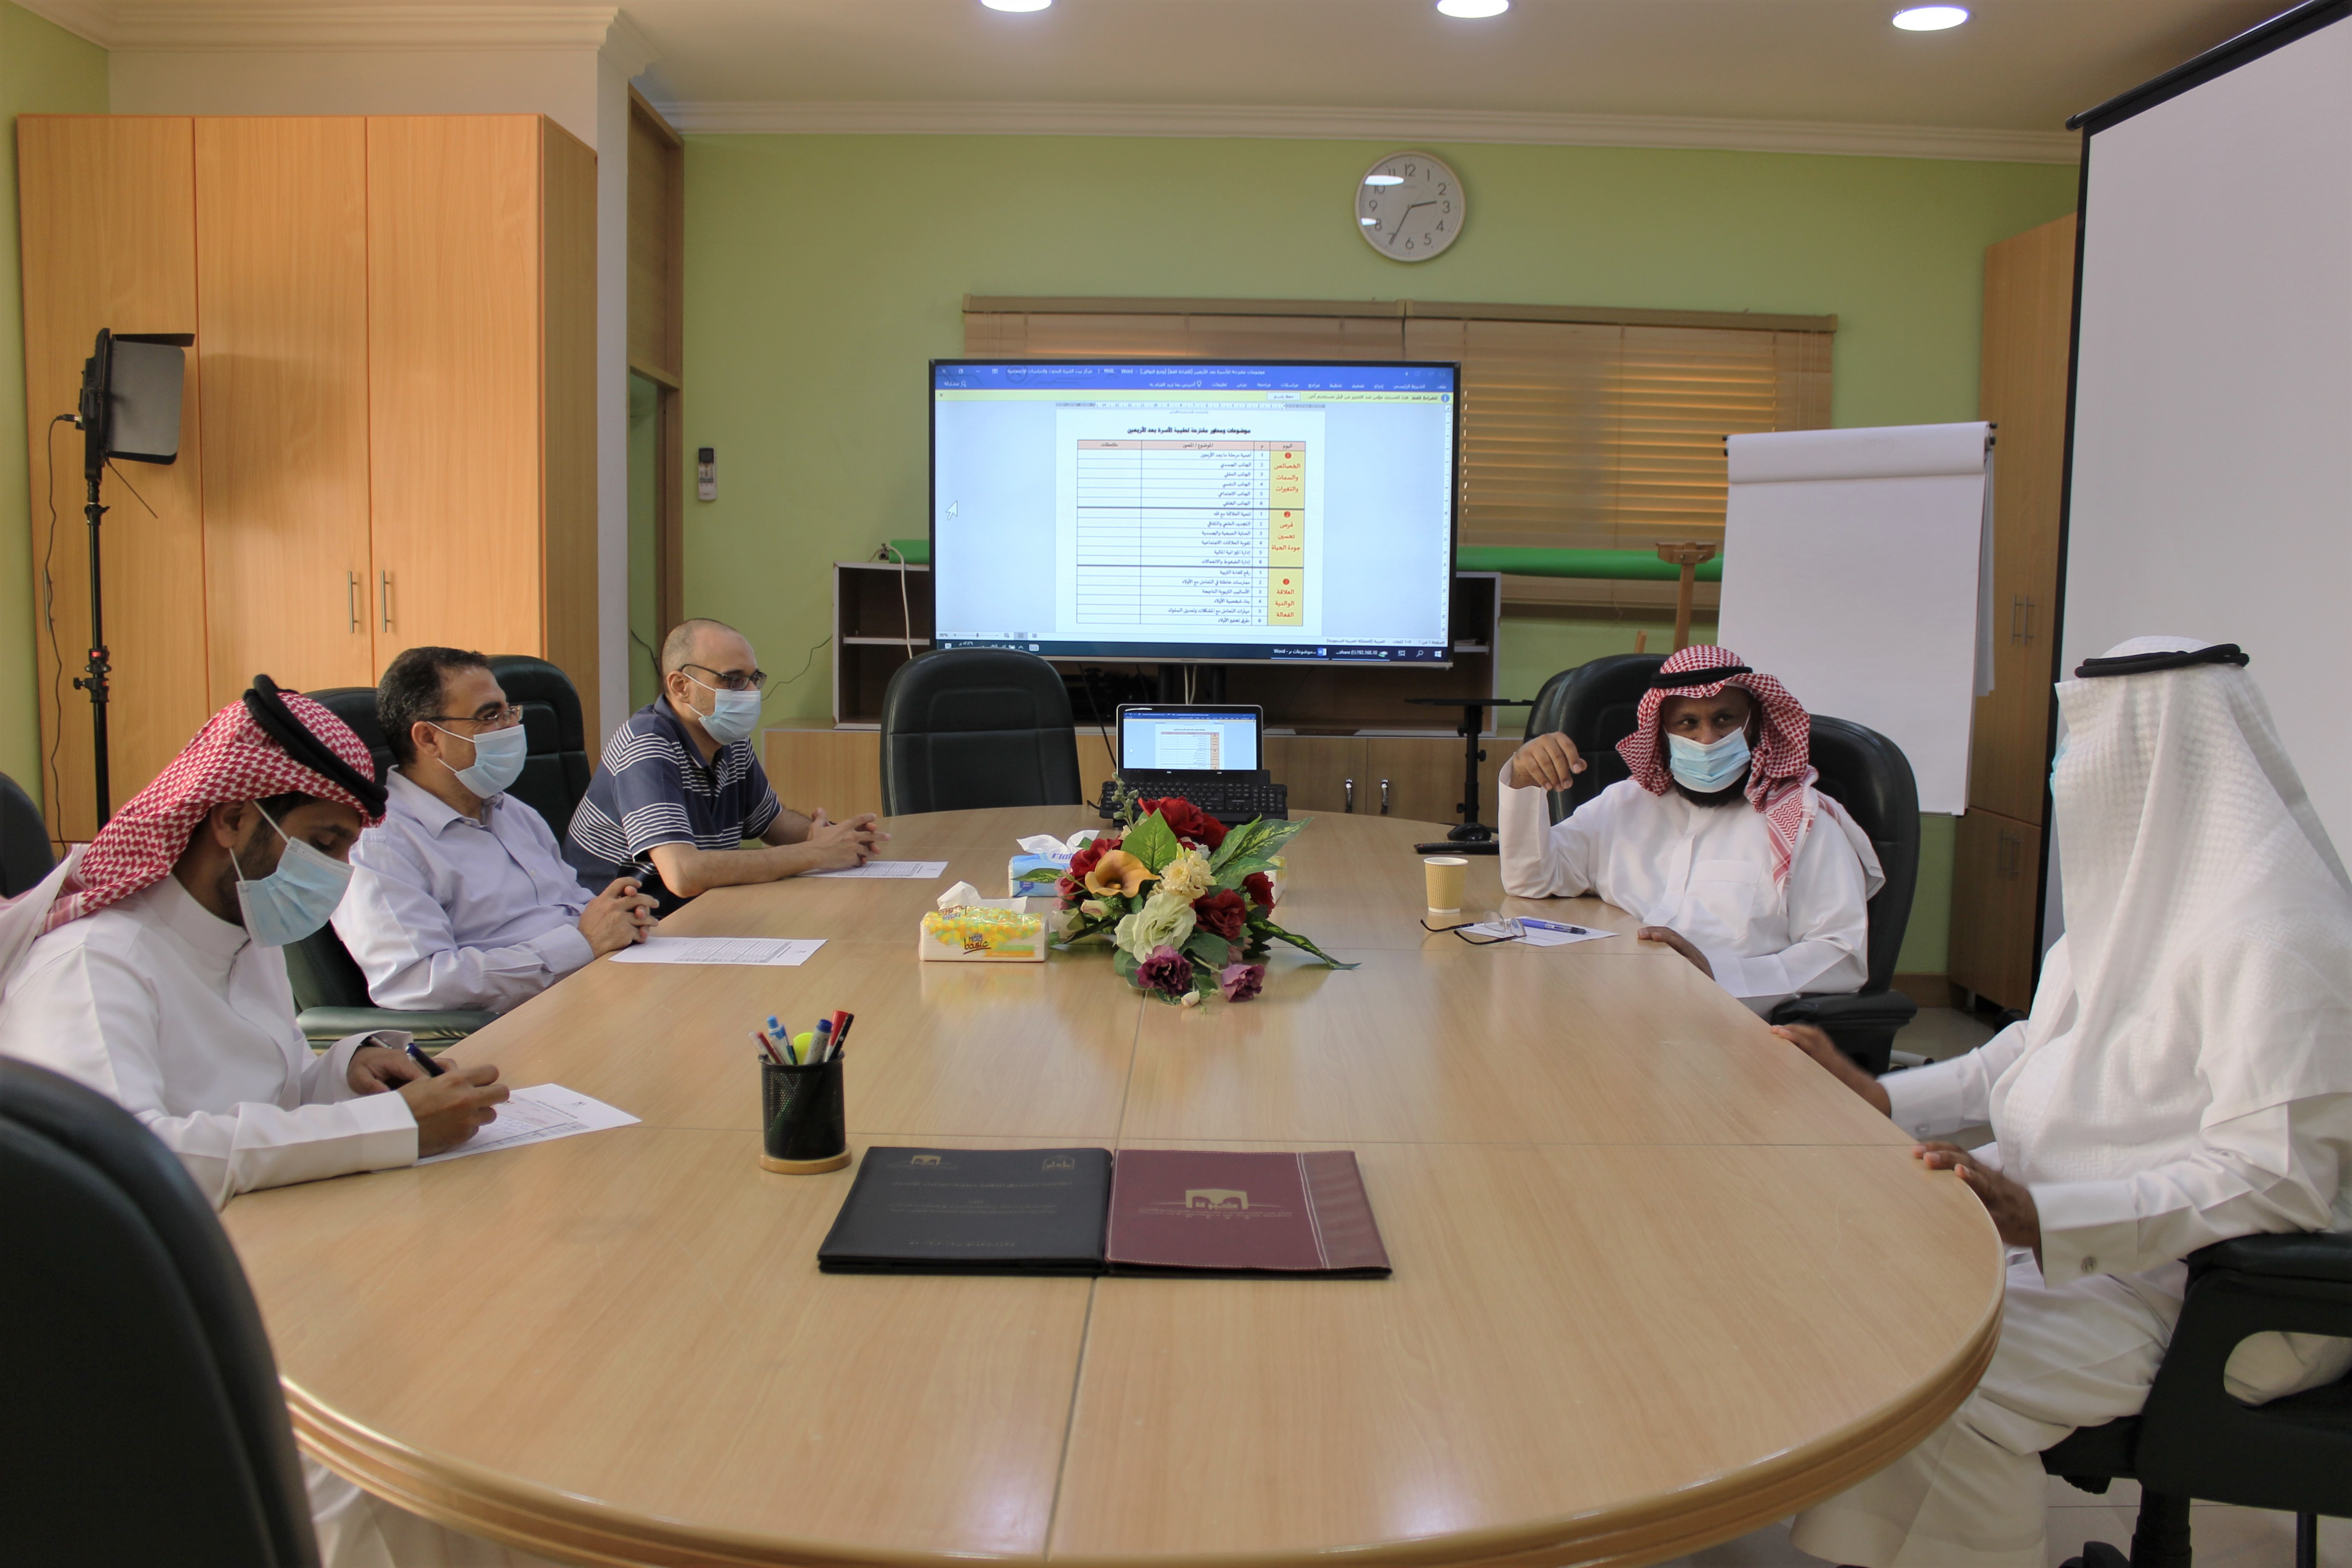 اجتمع فريق مركز بيت الخبرة مع مدير إدارة المشاريع بمركز واقف